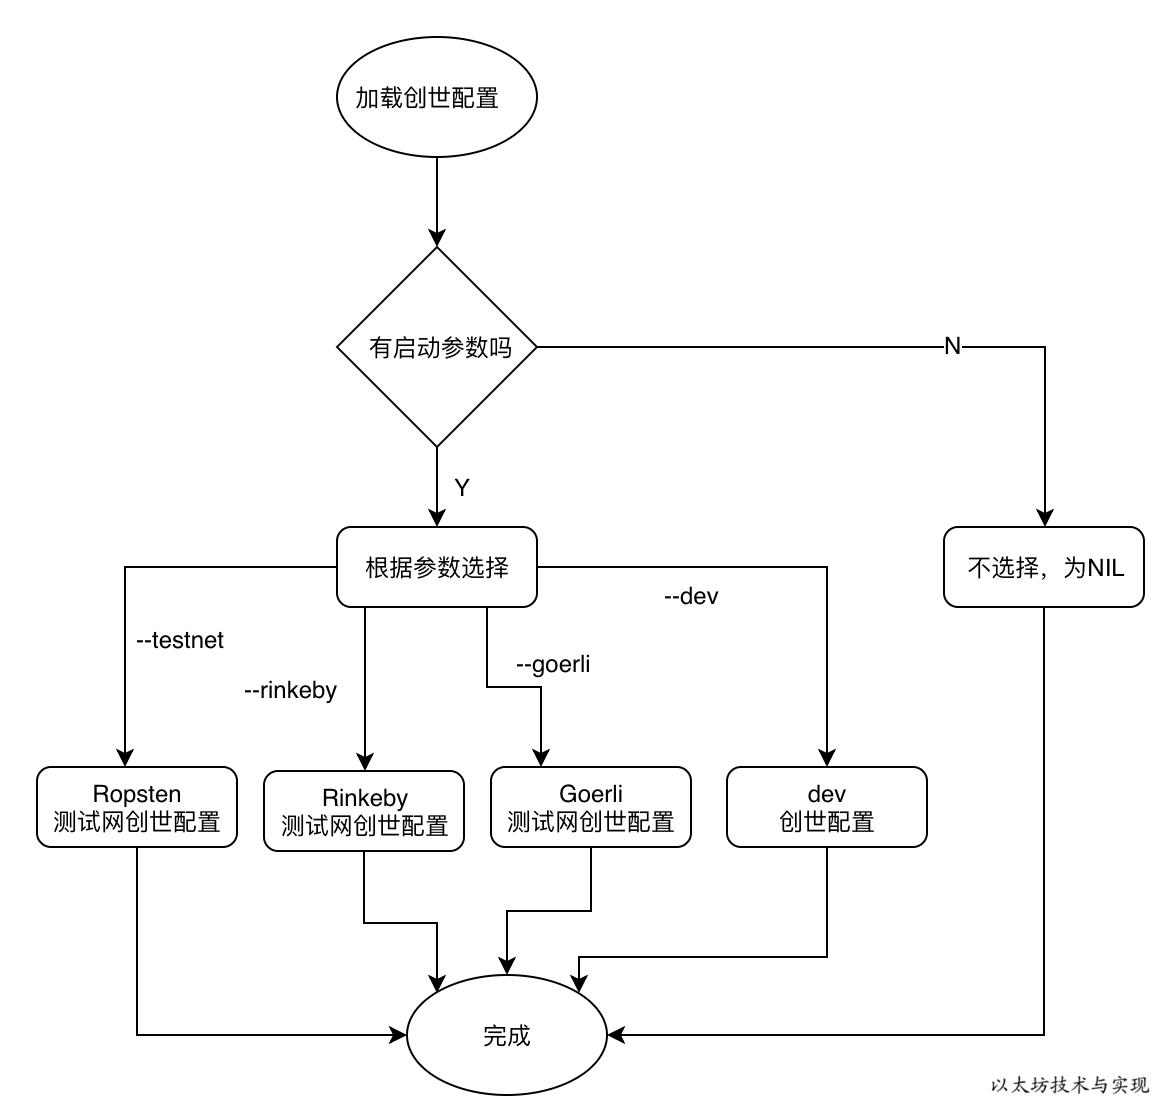 以太坊创世配置选择流程图